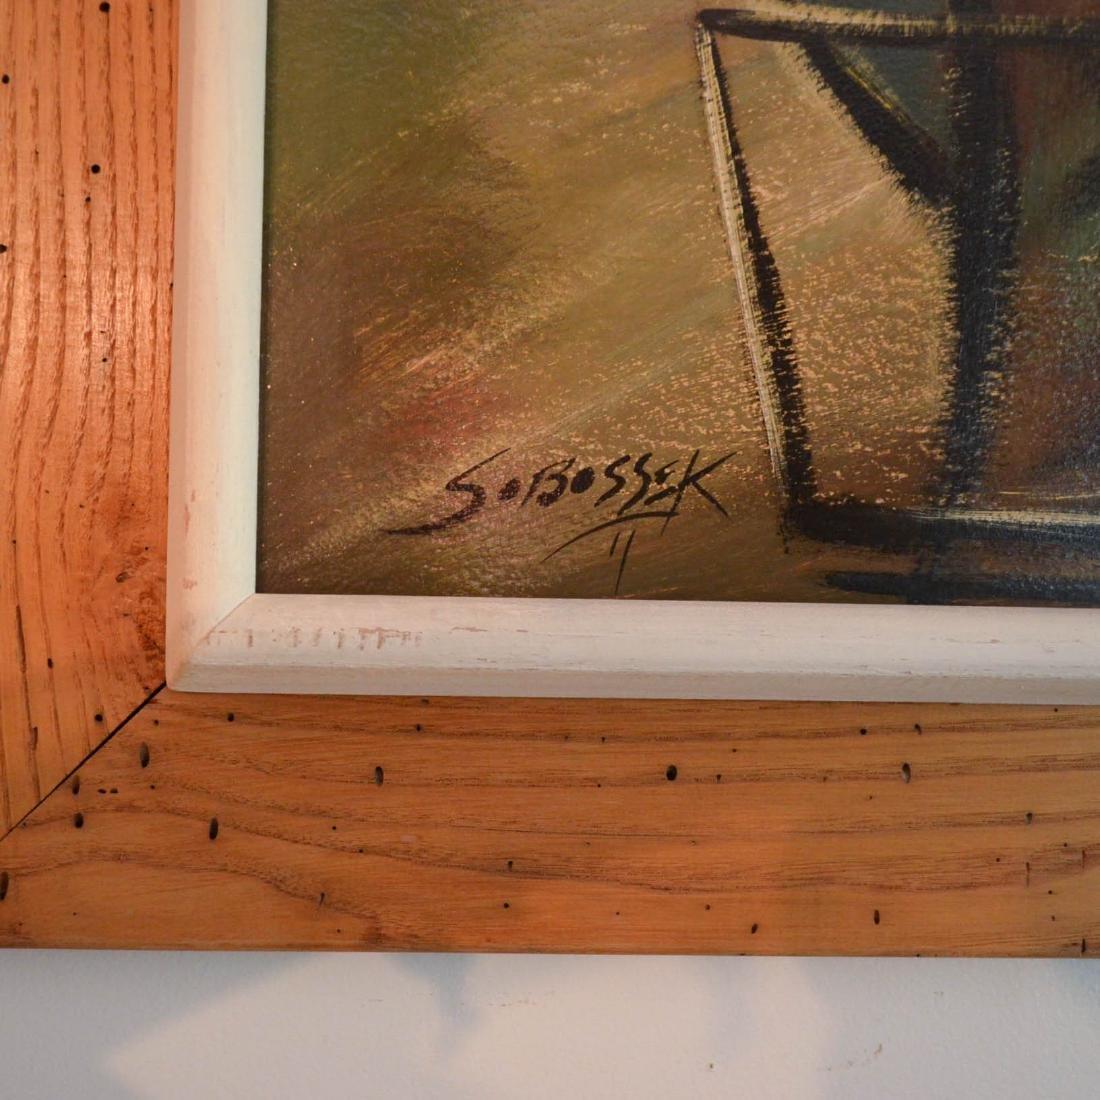 Wonderful O/B Painting of a Jazz Band Signed Sobossek - 2